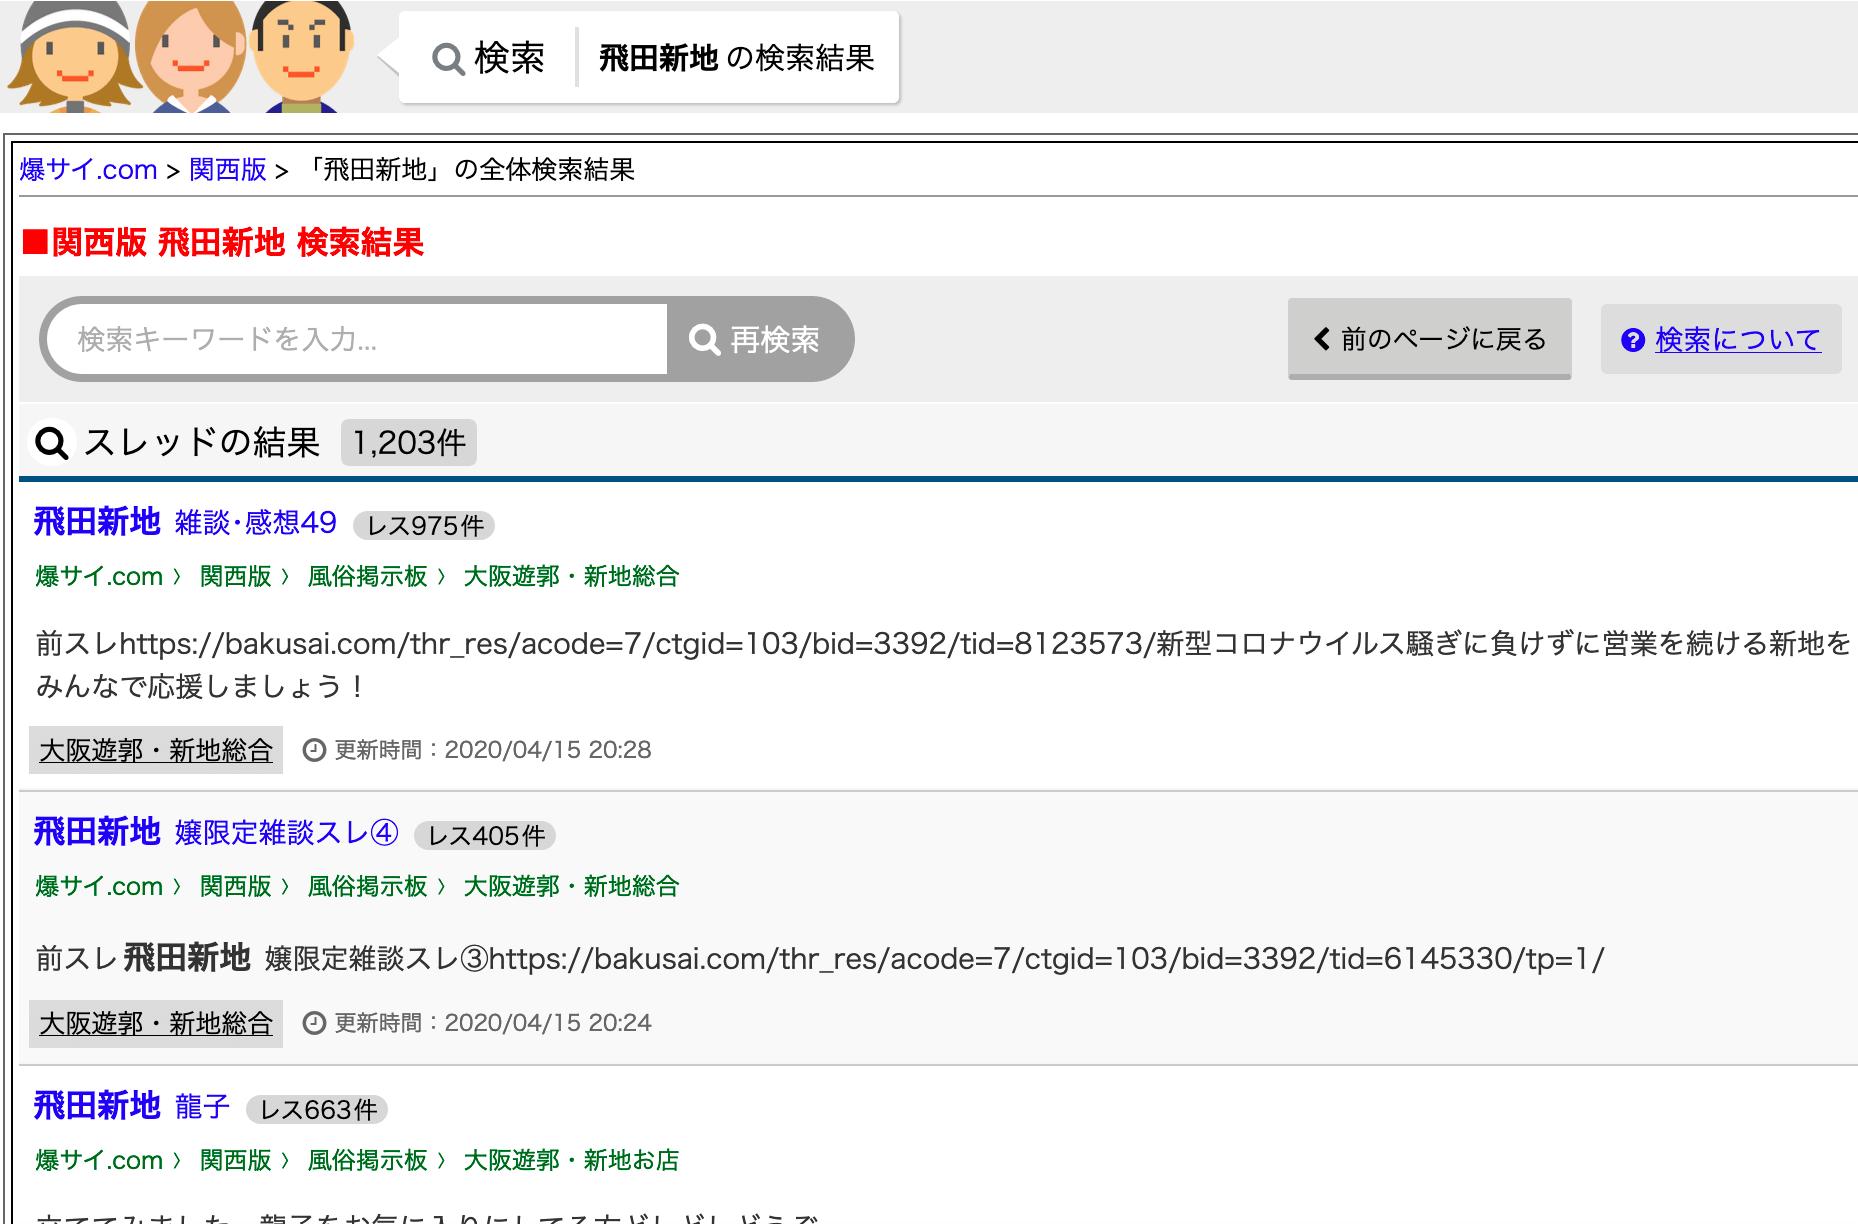 飛田新地 爆サイ